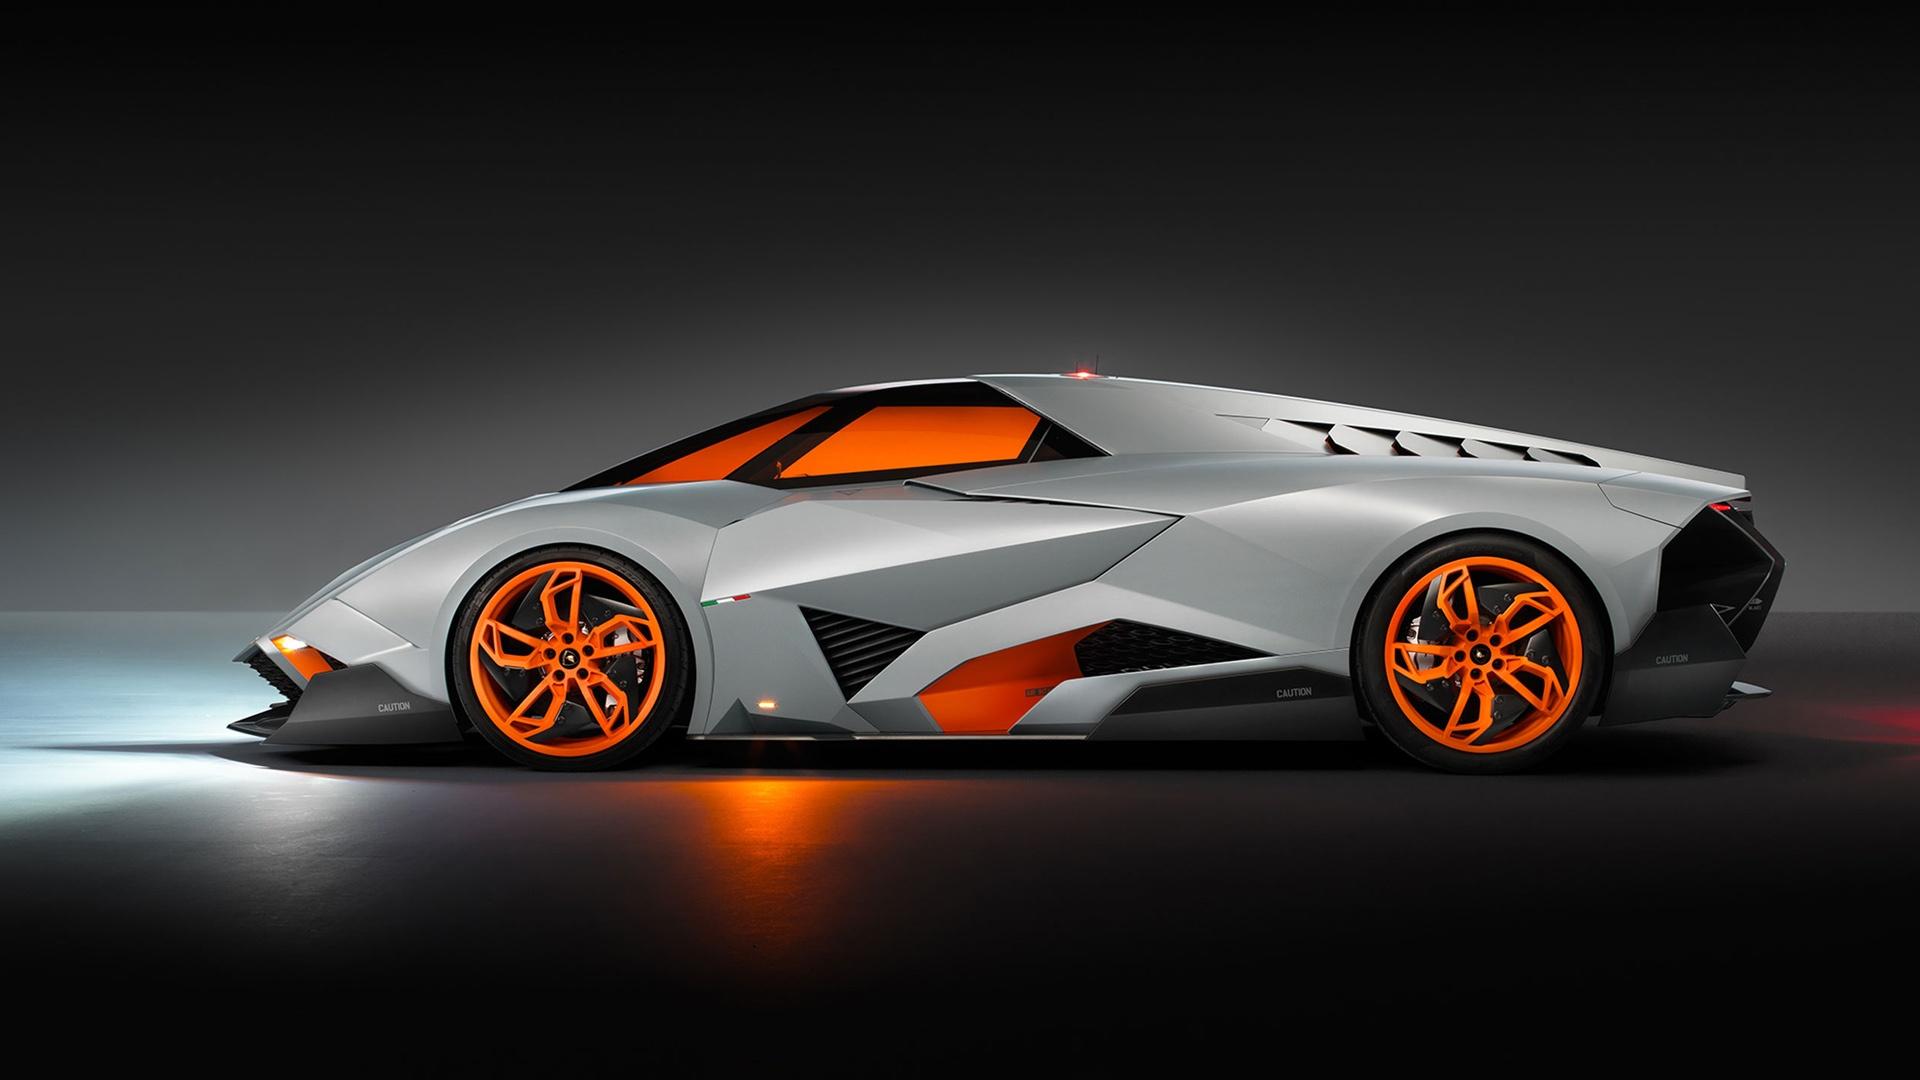 Lamborghini Egoista Concept 3 Wallpaper HD Car Wallpapers 1920x1080